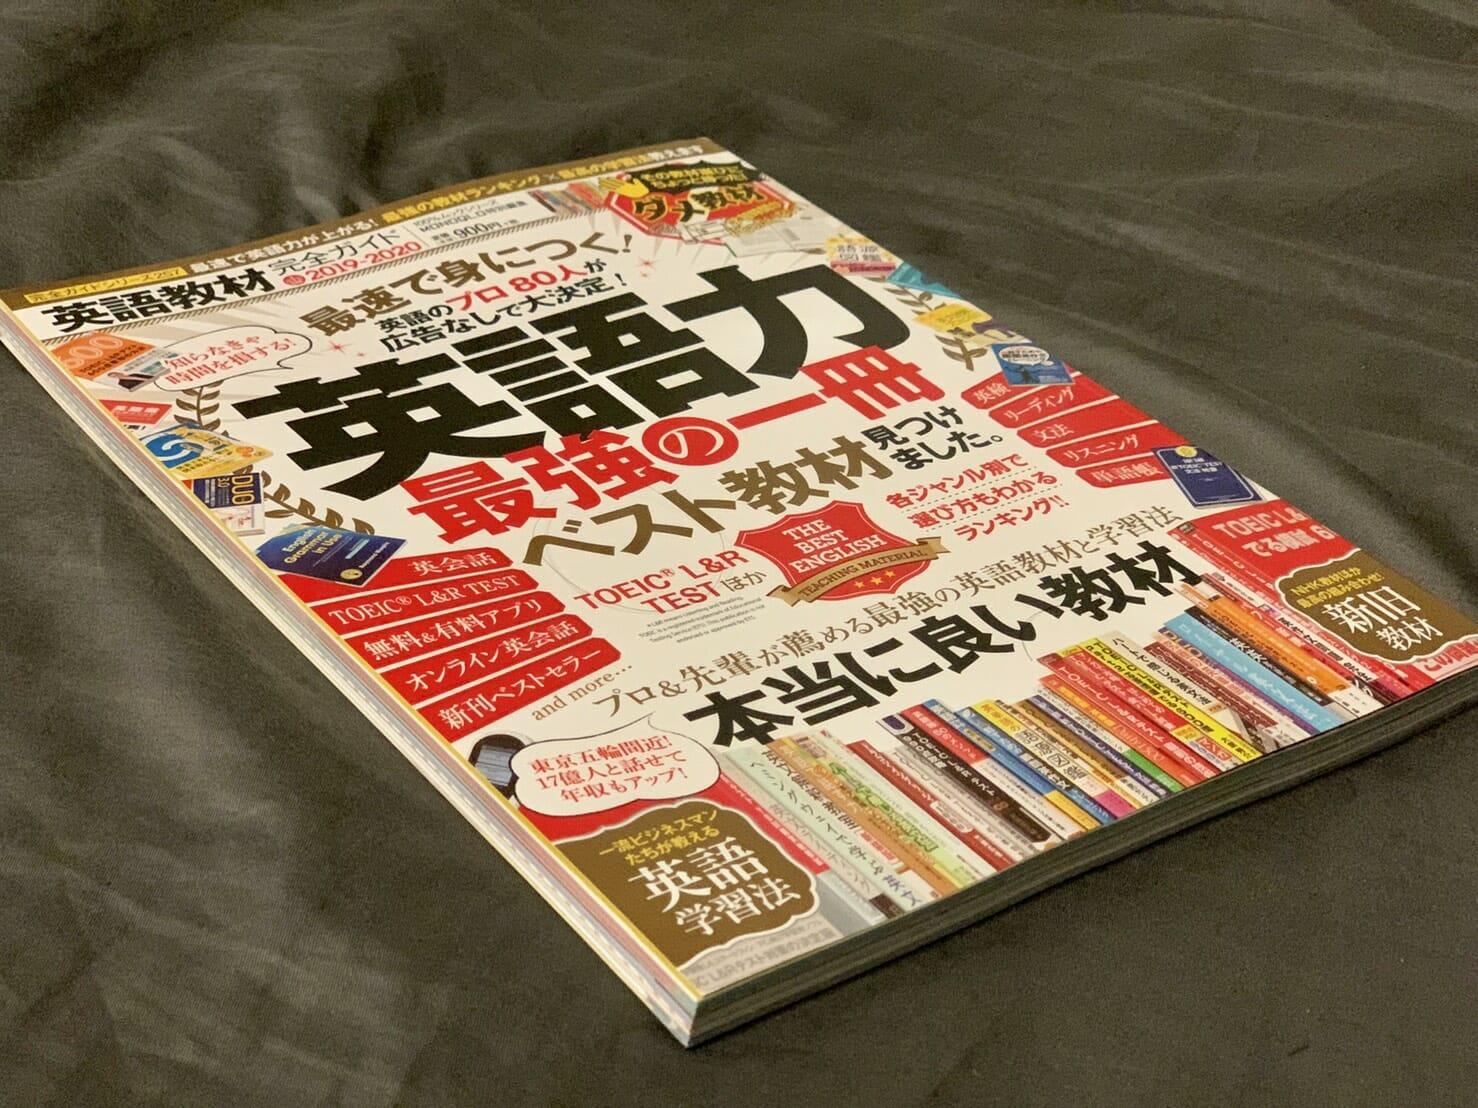 「英語教材完全ガイド2020年版」にてReiがオススメ教材を紹介しました!